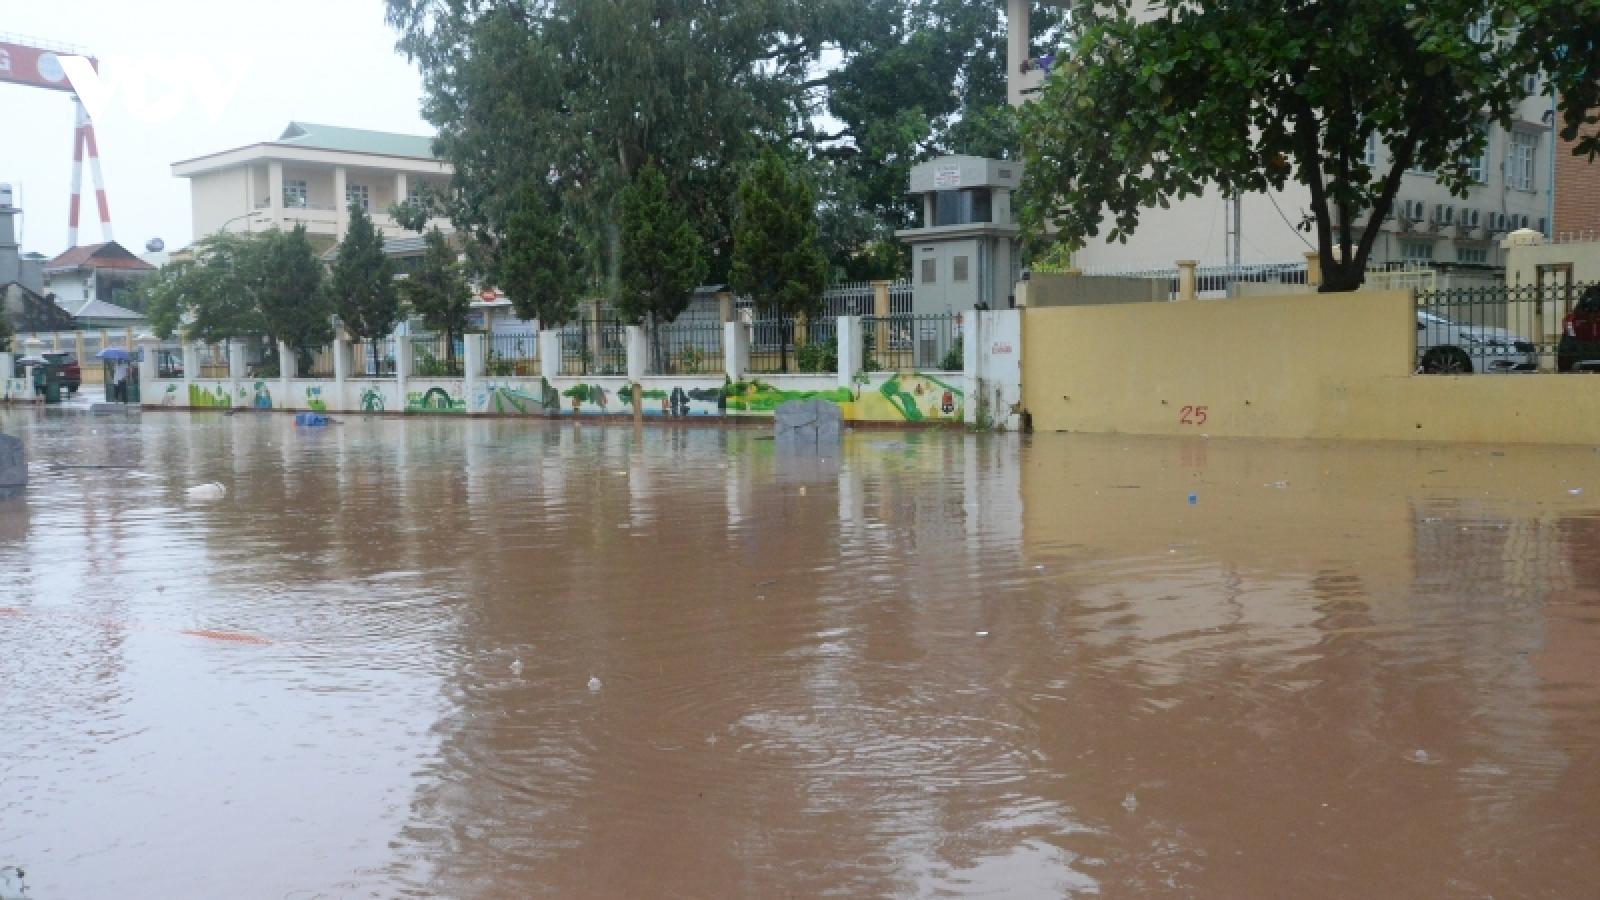 Mưa lớn, đường ở thành phố Hạ Long biến thành sông do dự án thi công kéo dài